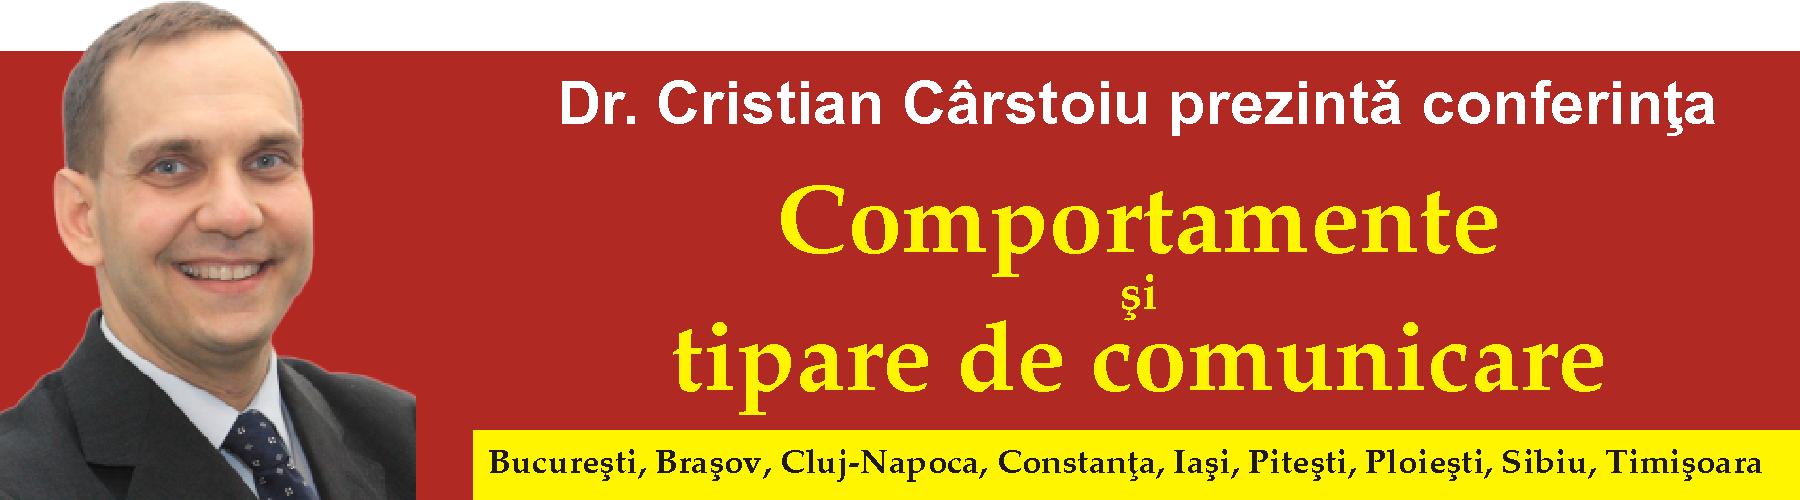 """Vă invit la conferinţa """"Comportamente şi tipare de comunicare"""" susţinută de Dr. Cristian Cârstoiu"""